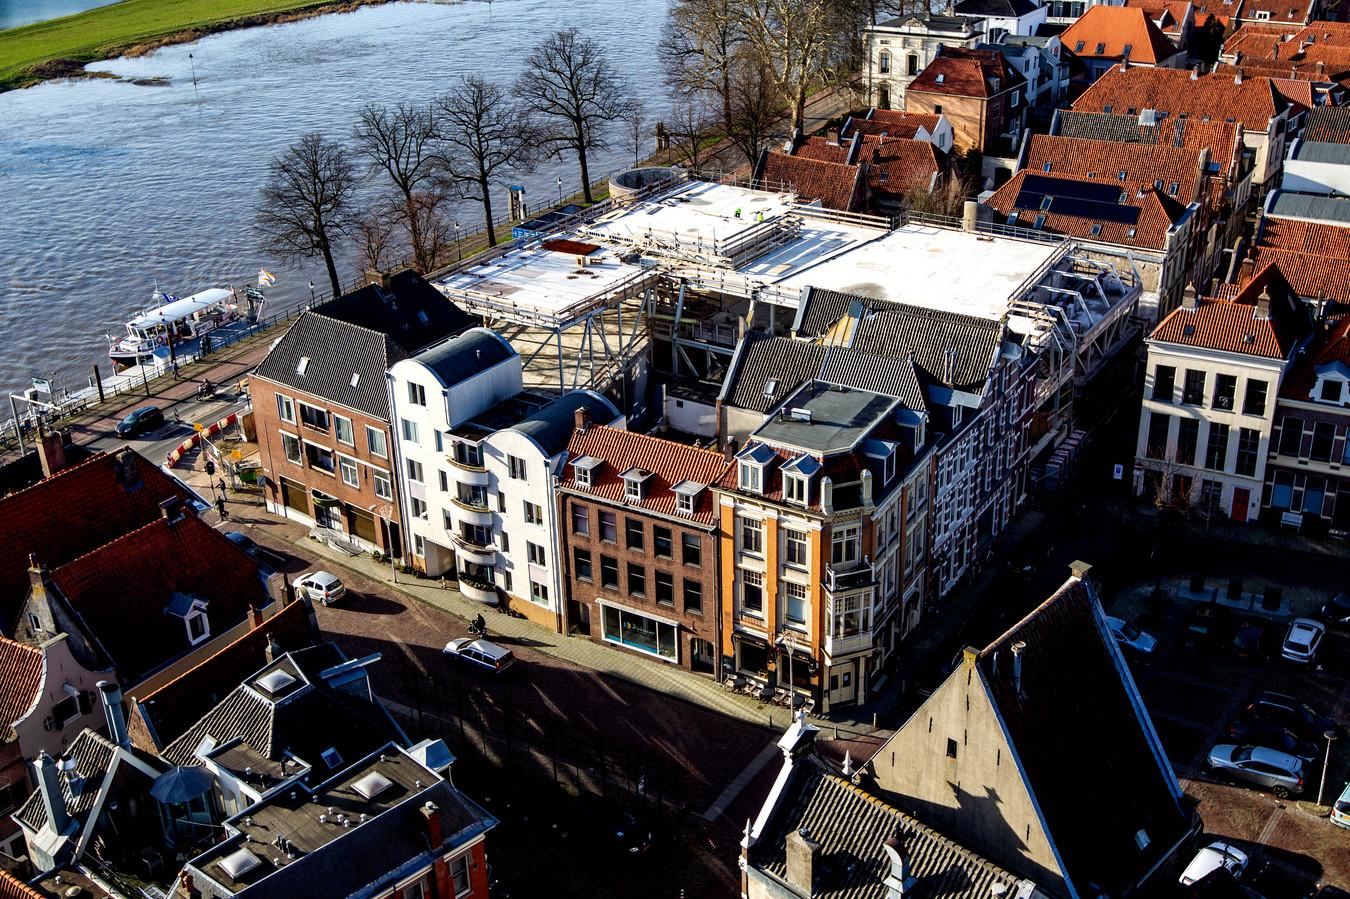 Het in aanbouw zijnde filmtheater langs rivier de IJssel. Buren zijn ontstemd over de luchtbehandelingsinstallatie die op het dak zou moeten worden geplaatst. In het oorspronkelijk ontwerp zou dit nog inpandig worden weggewerkt. Nu wordt gevreesd voor onder andere geluids- en geurhinder.